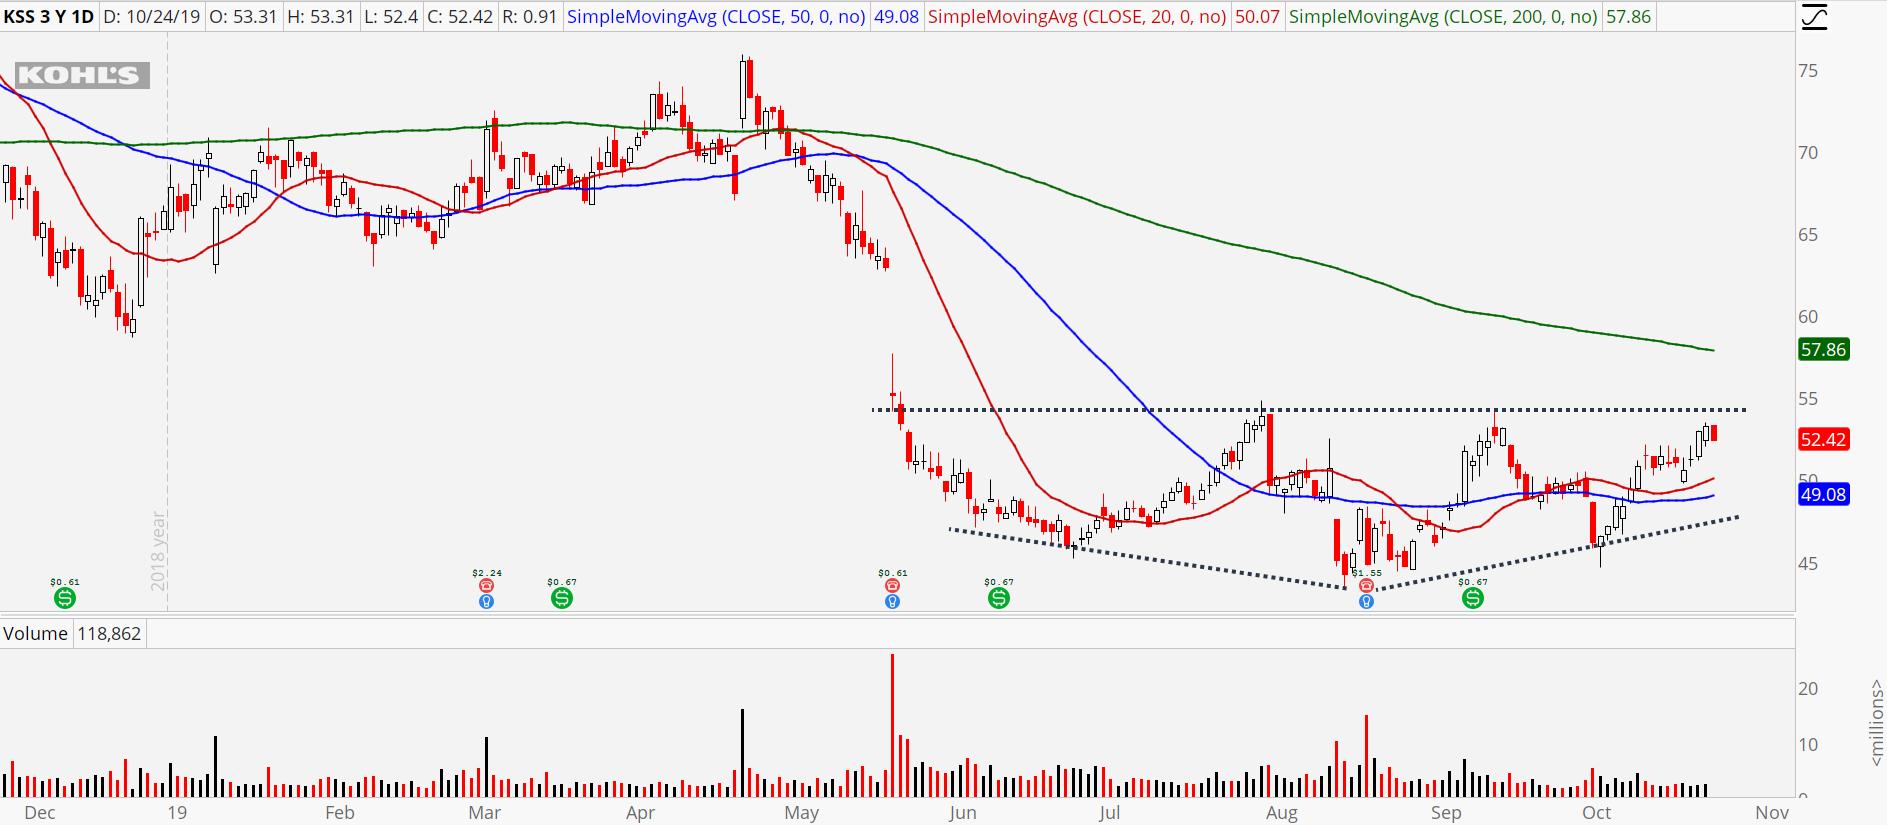 3 Retail Stocks to Buy: Kohls (KSS)